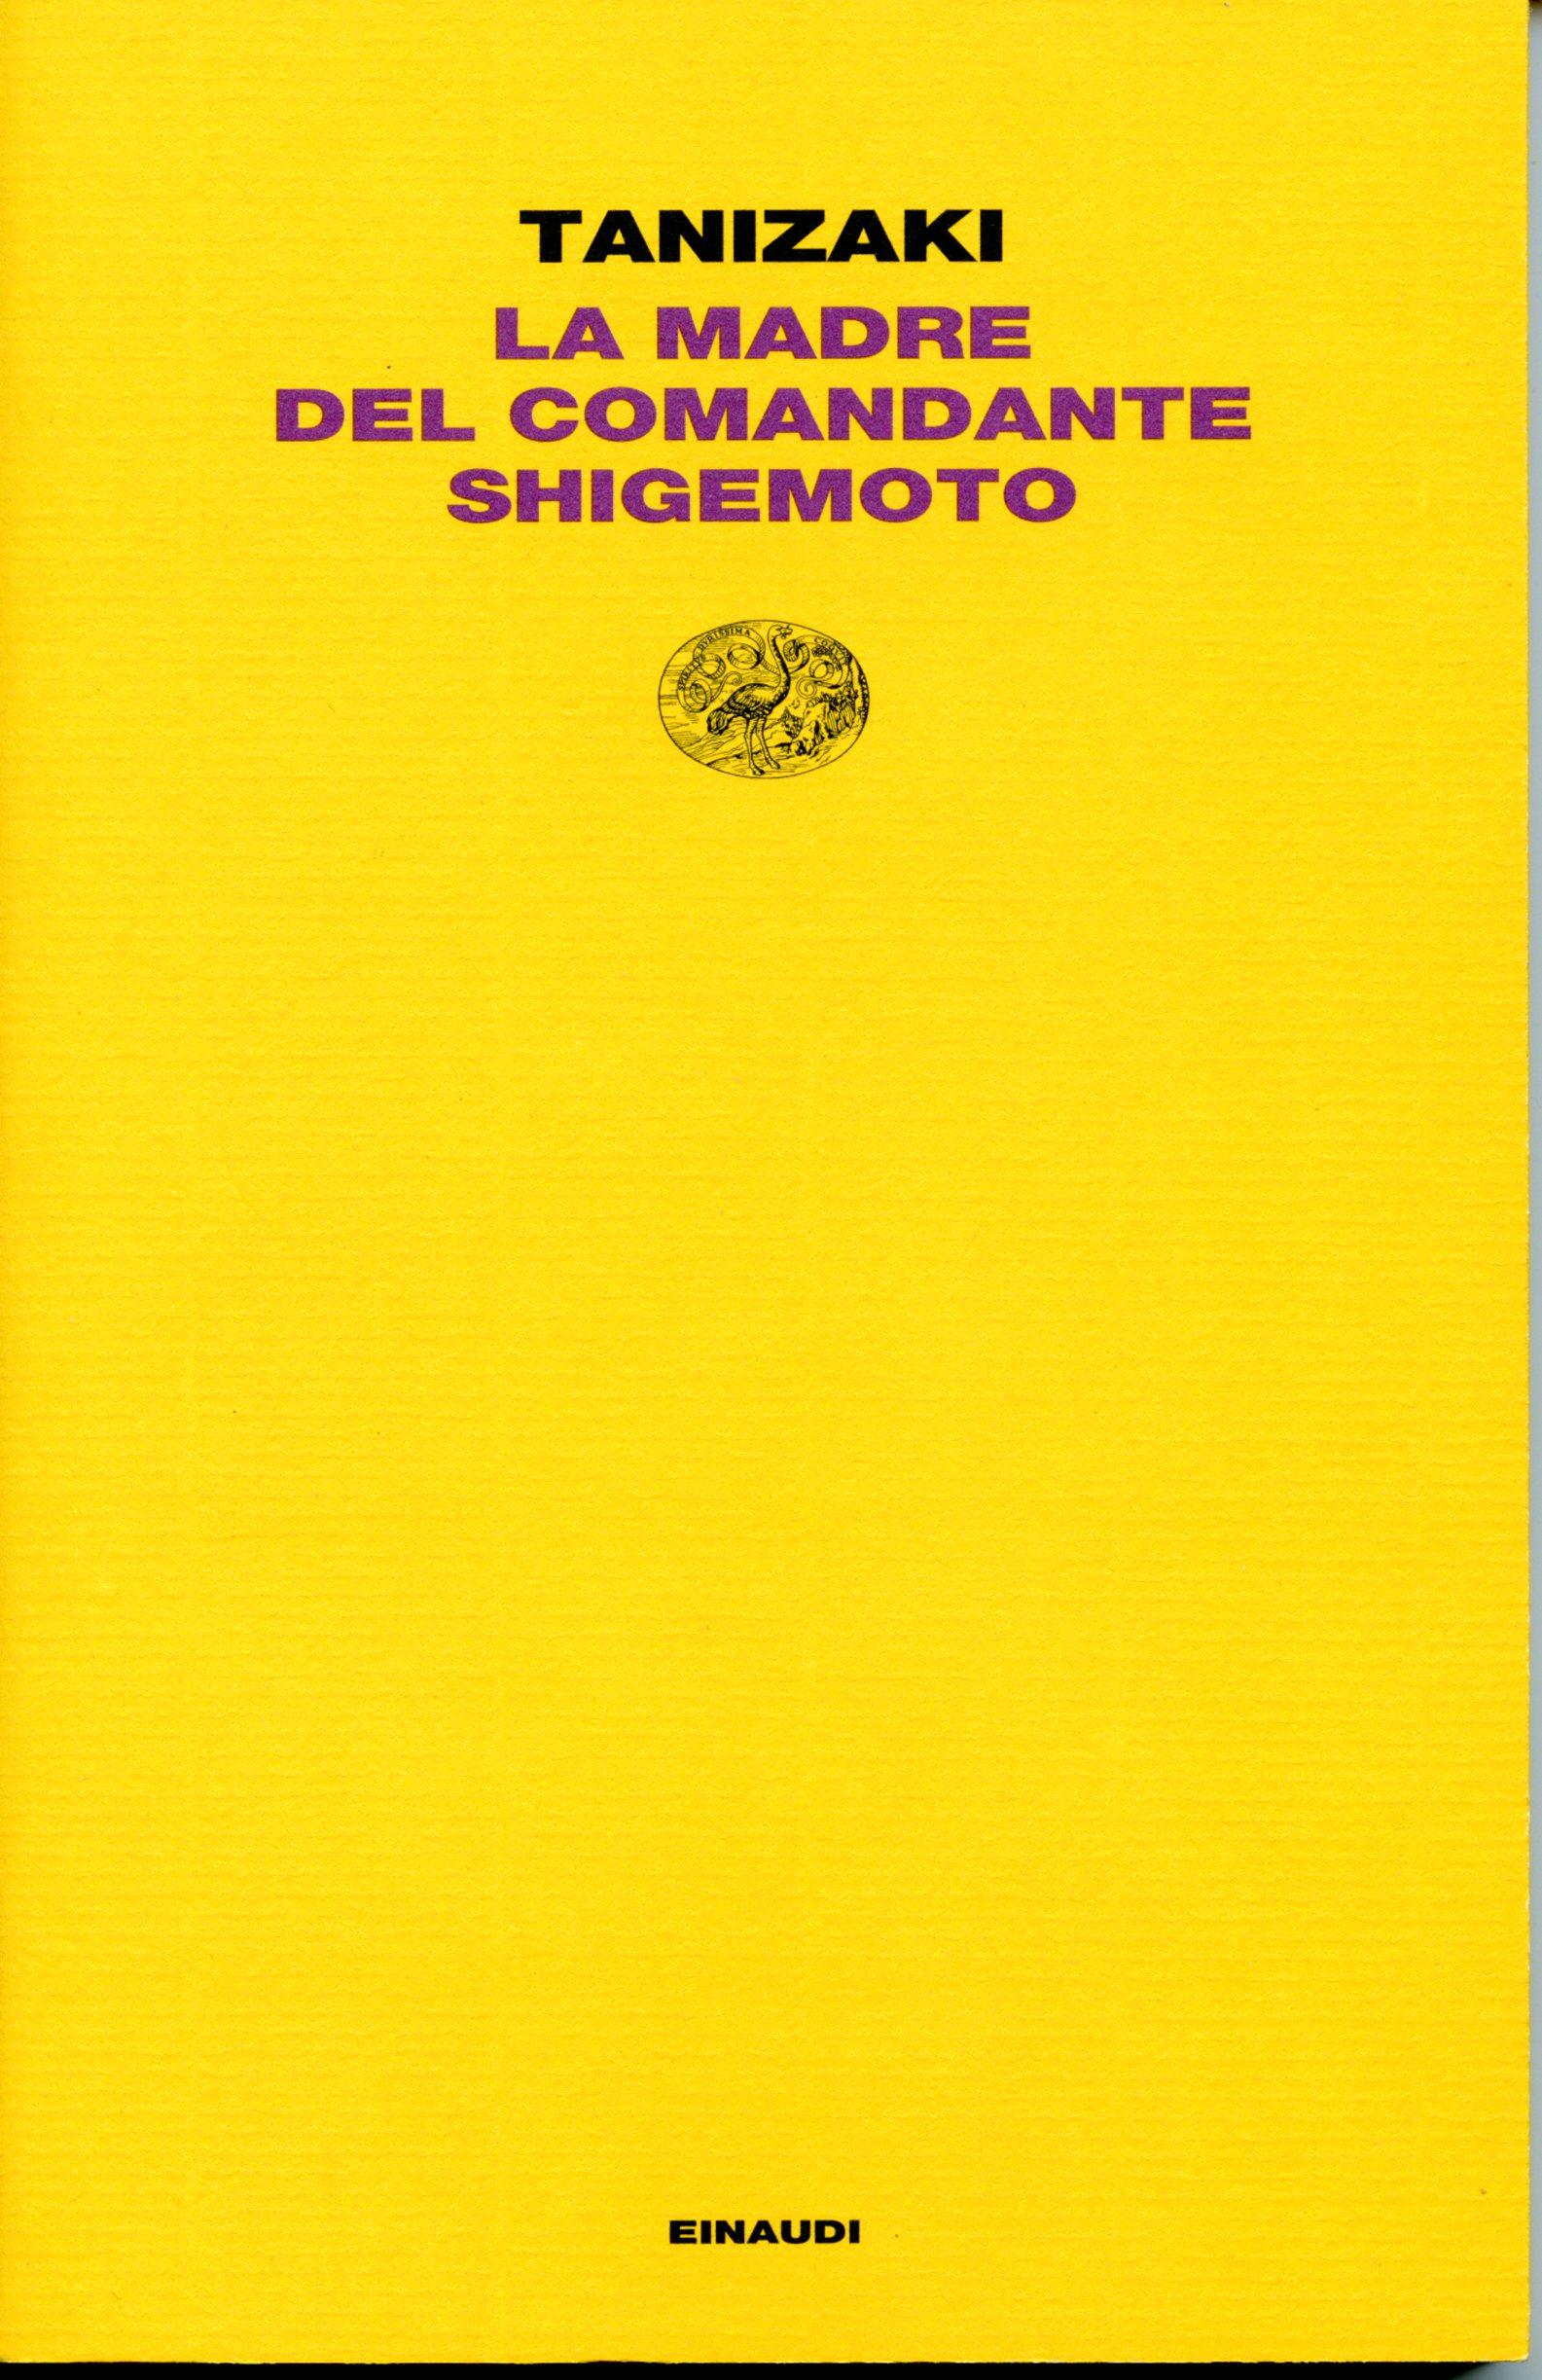 La madre del comandante Shigemoto